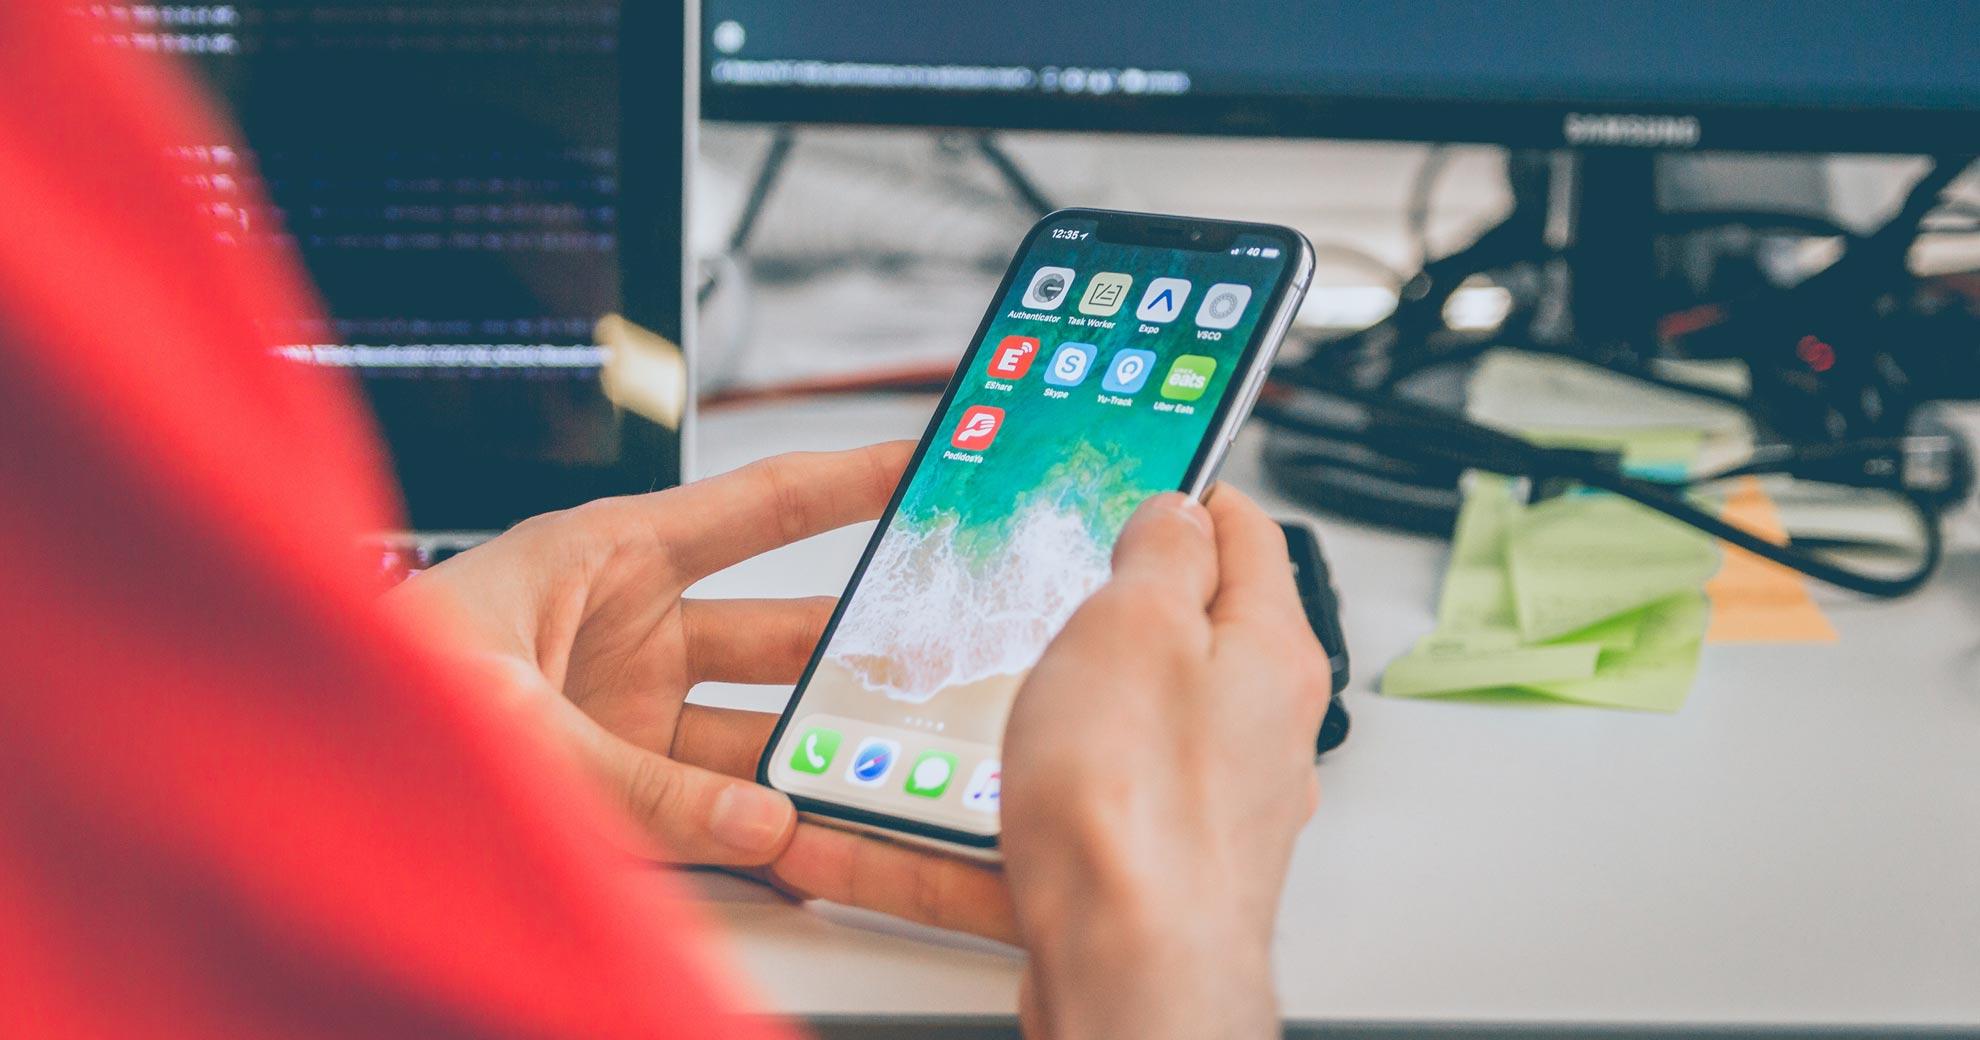 uma pessoa está segunrando o celular nas mãos